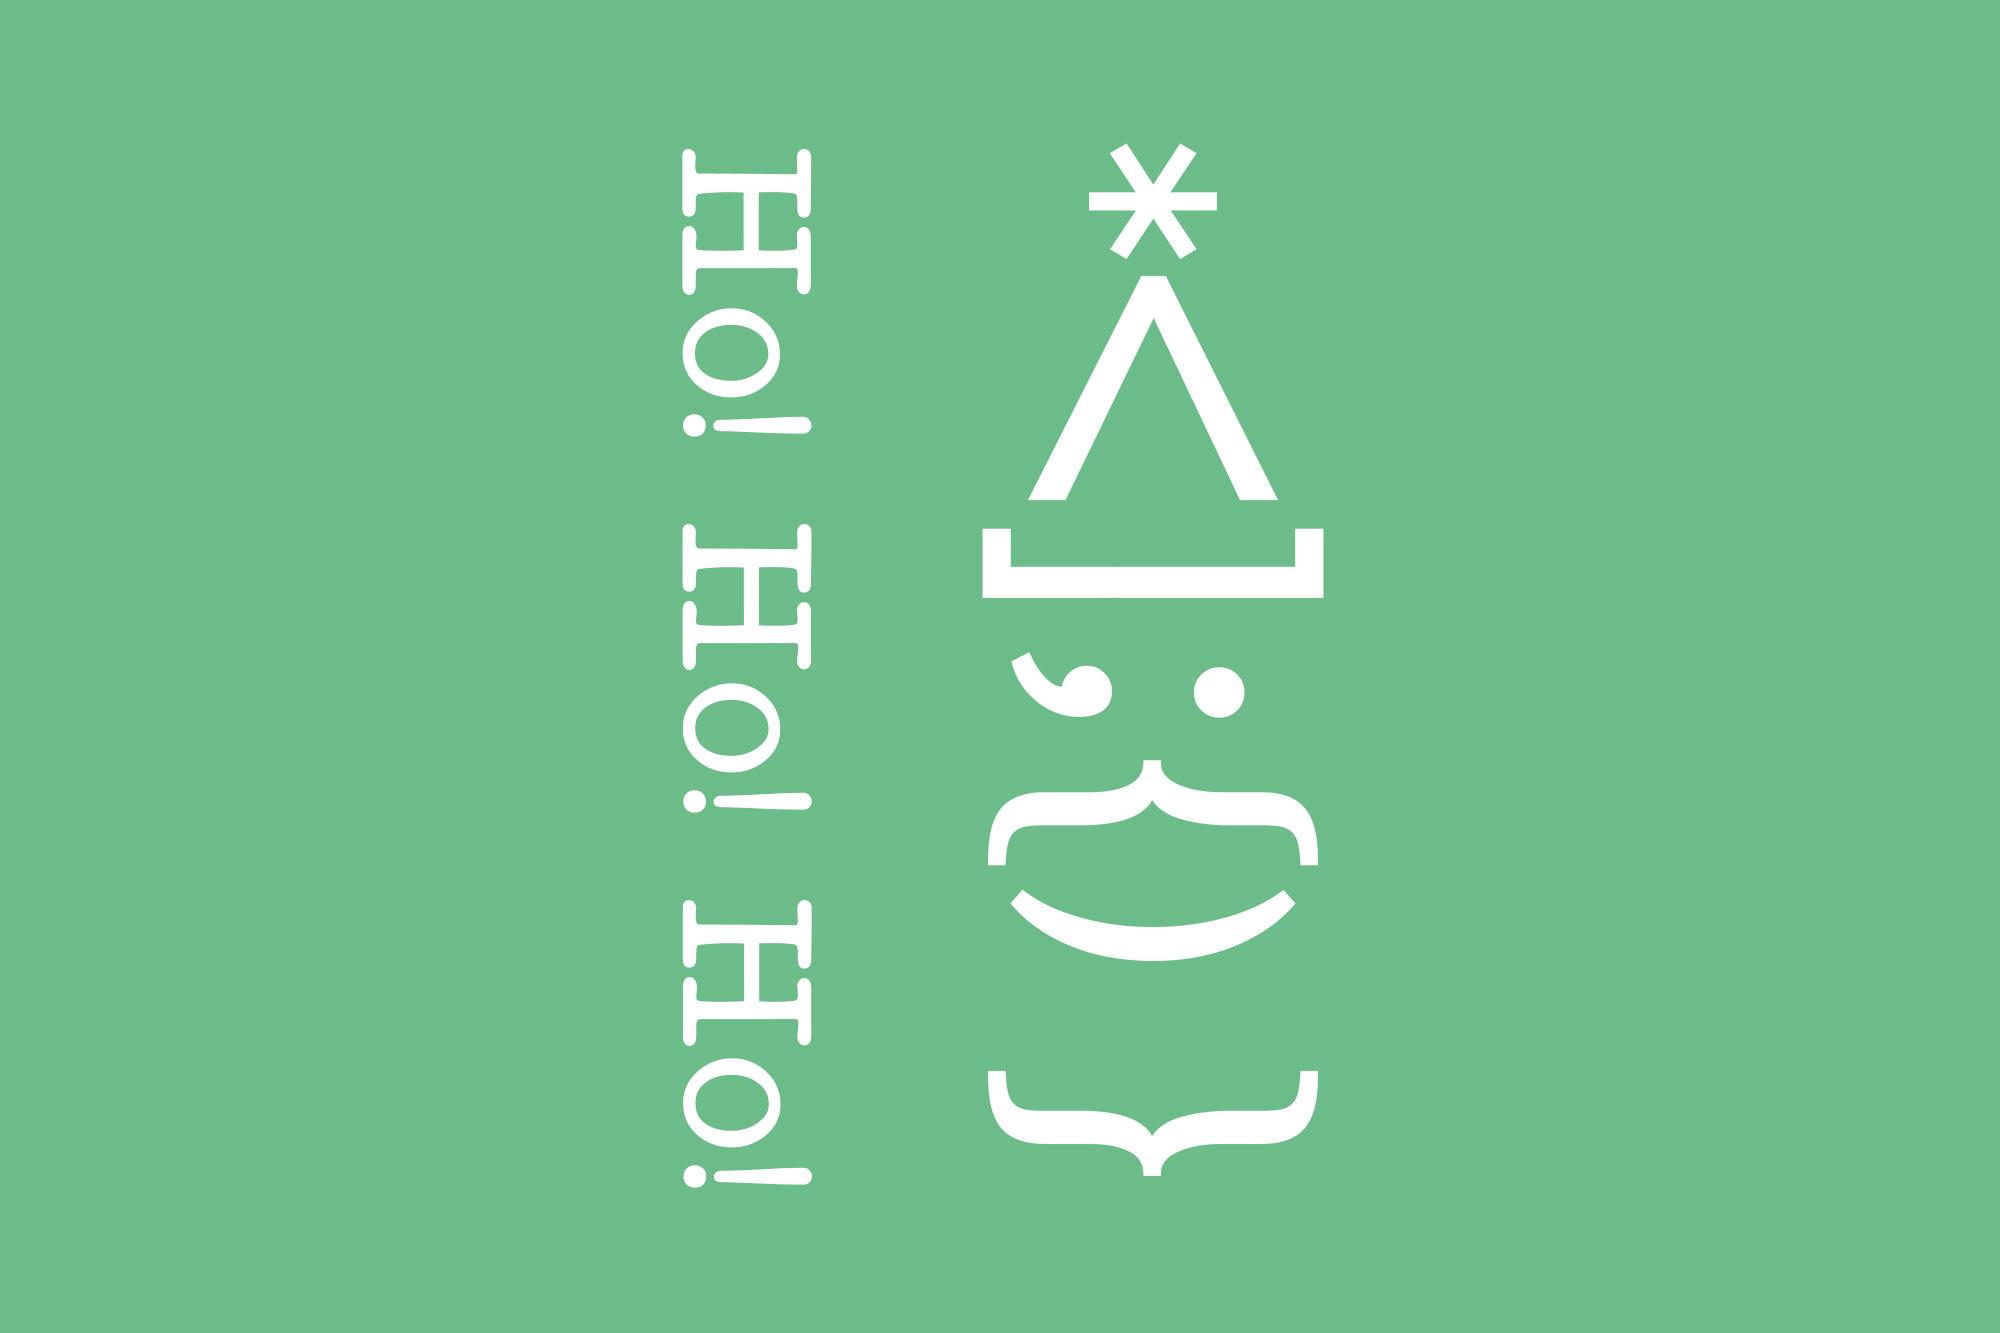 Ho! Ho! Ho! Happy Holidays from dandelion marketing!